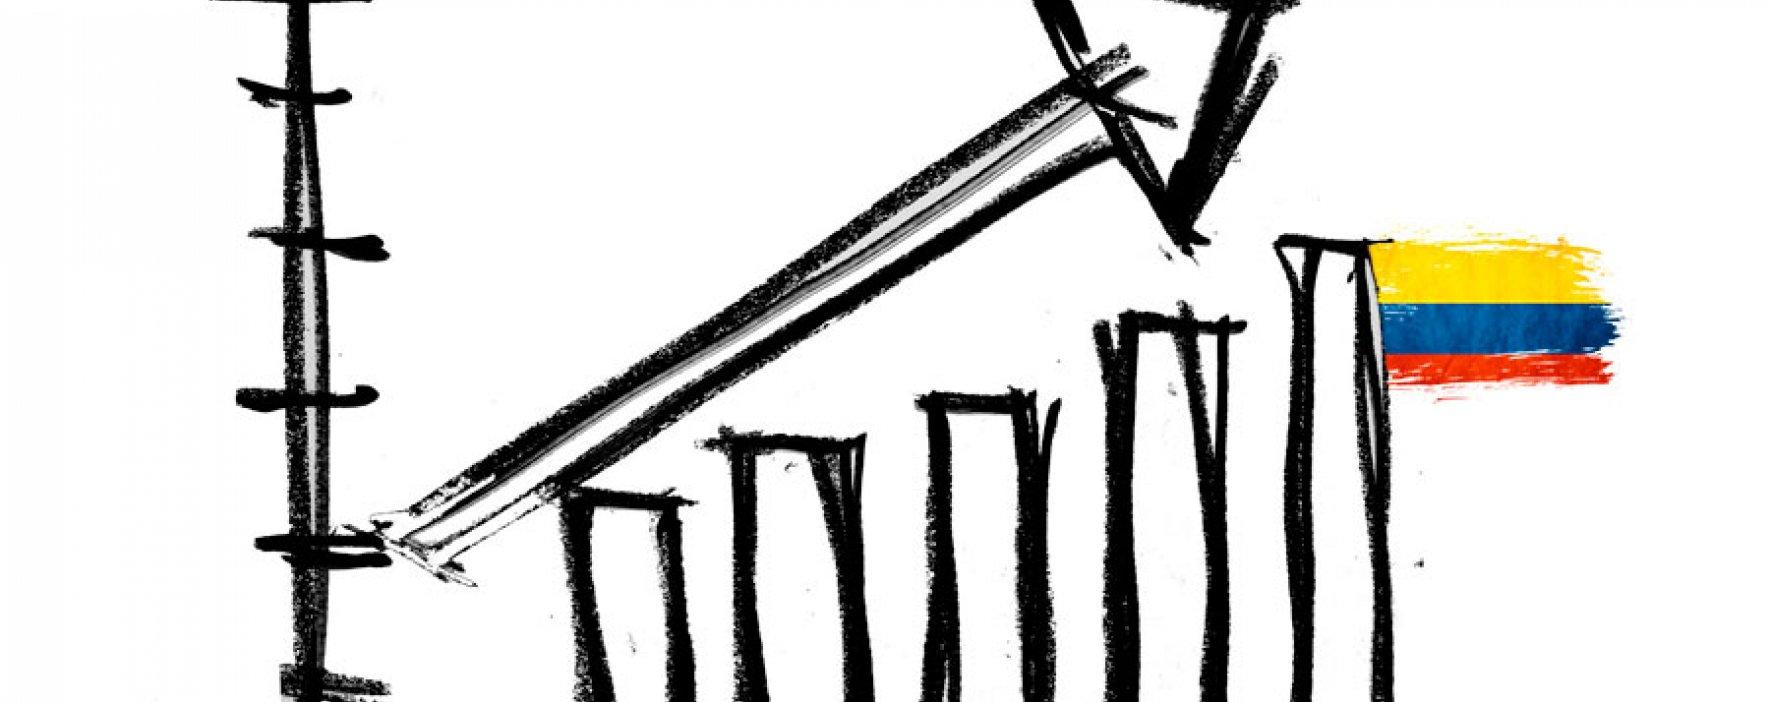 Economía en Colombia crecerá 3% en 2019 y 3,3% en 2020: BBVA Colombia